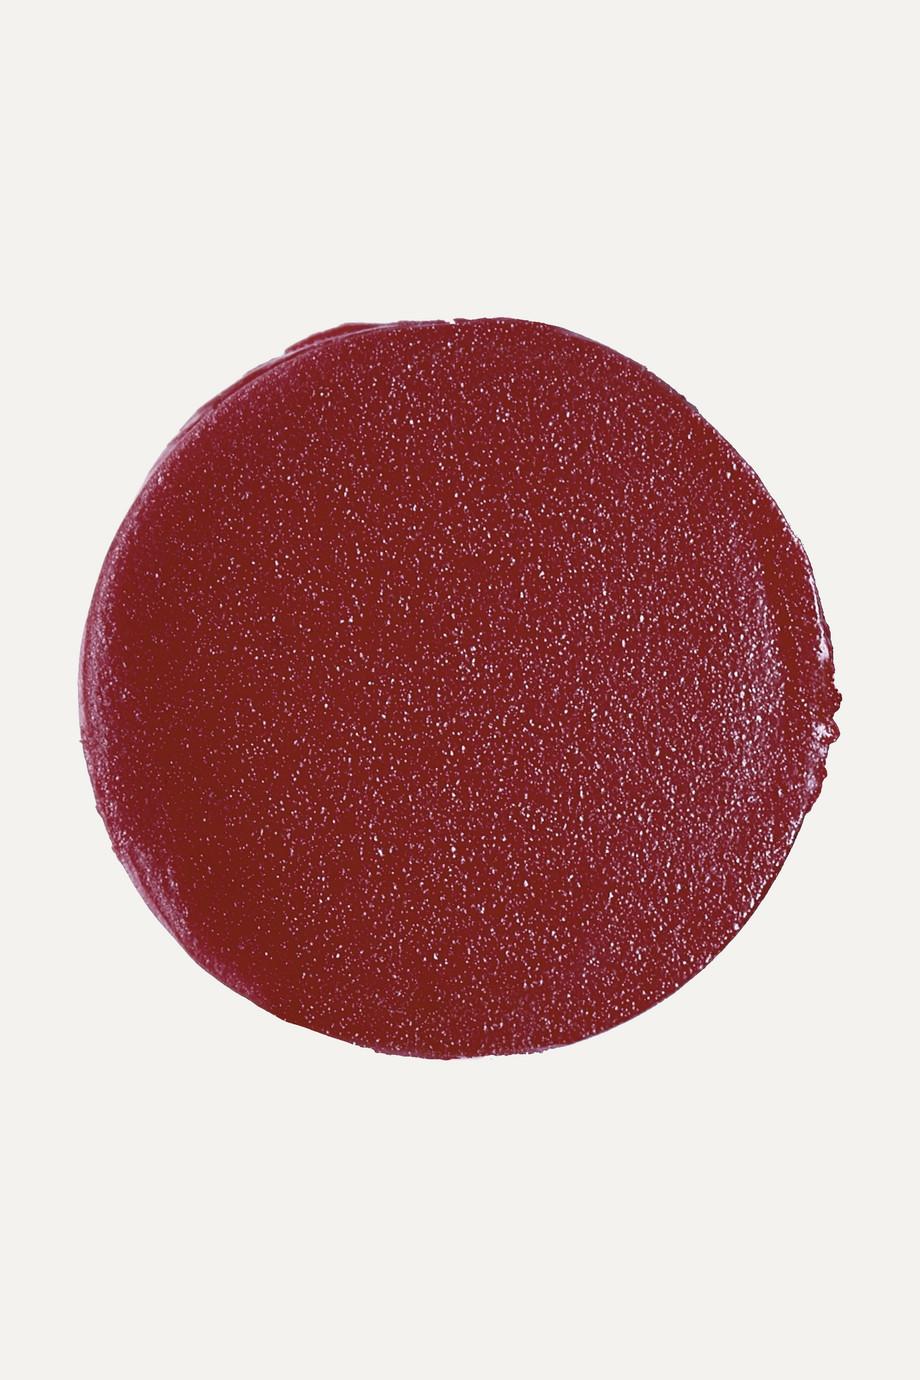 Gucci Beauty Rouge À Lèvres Satin – Louisa Red 506 – Lippenstift